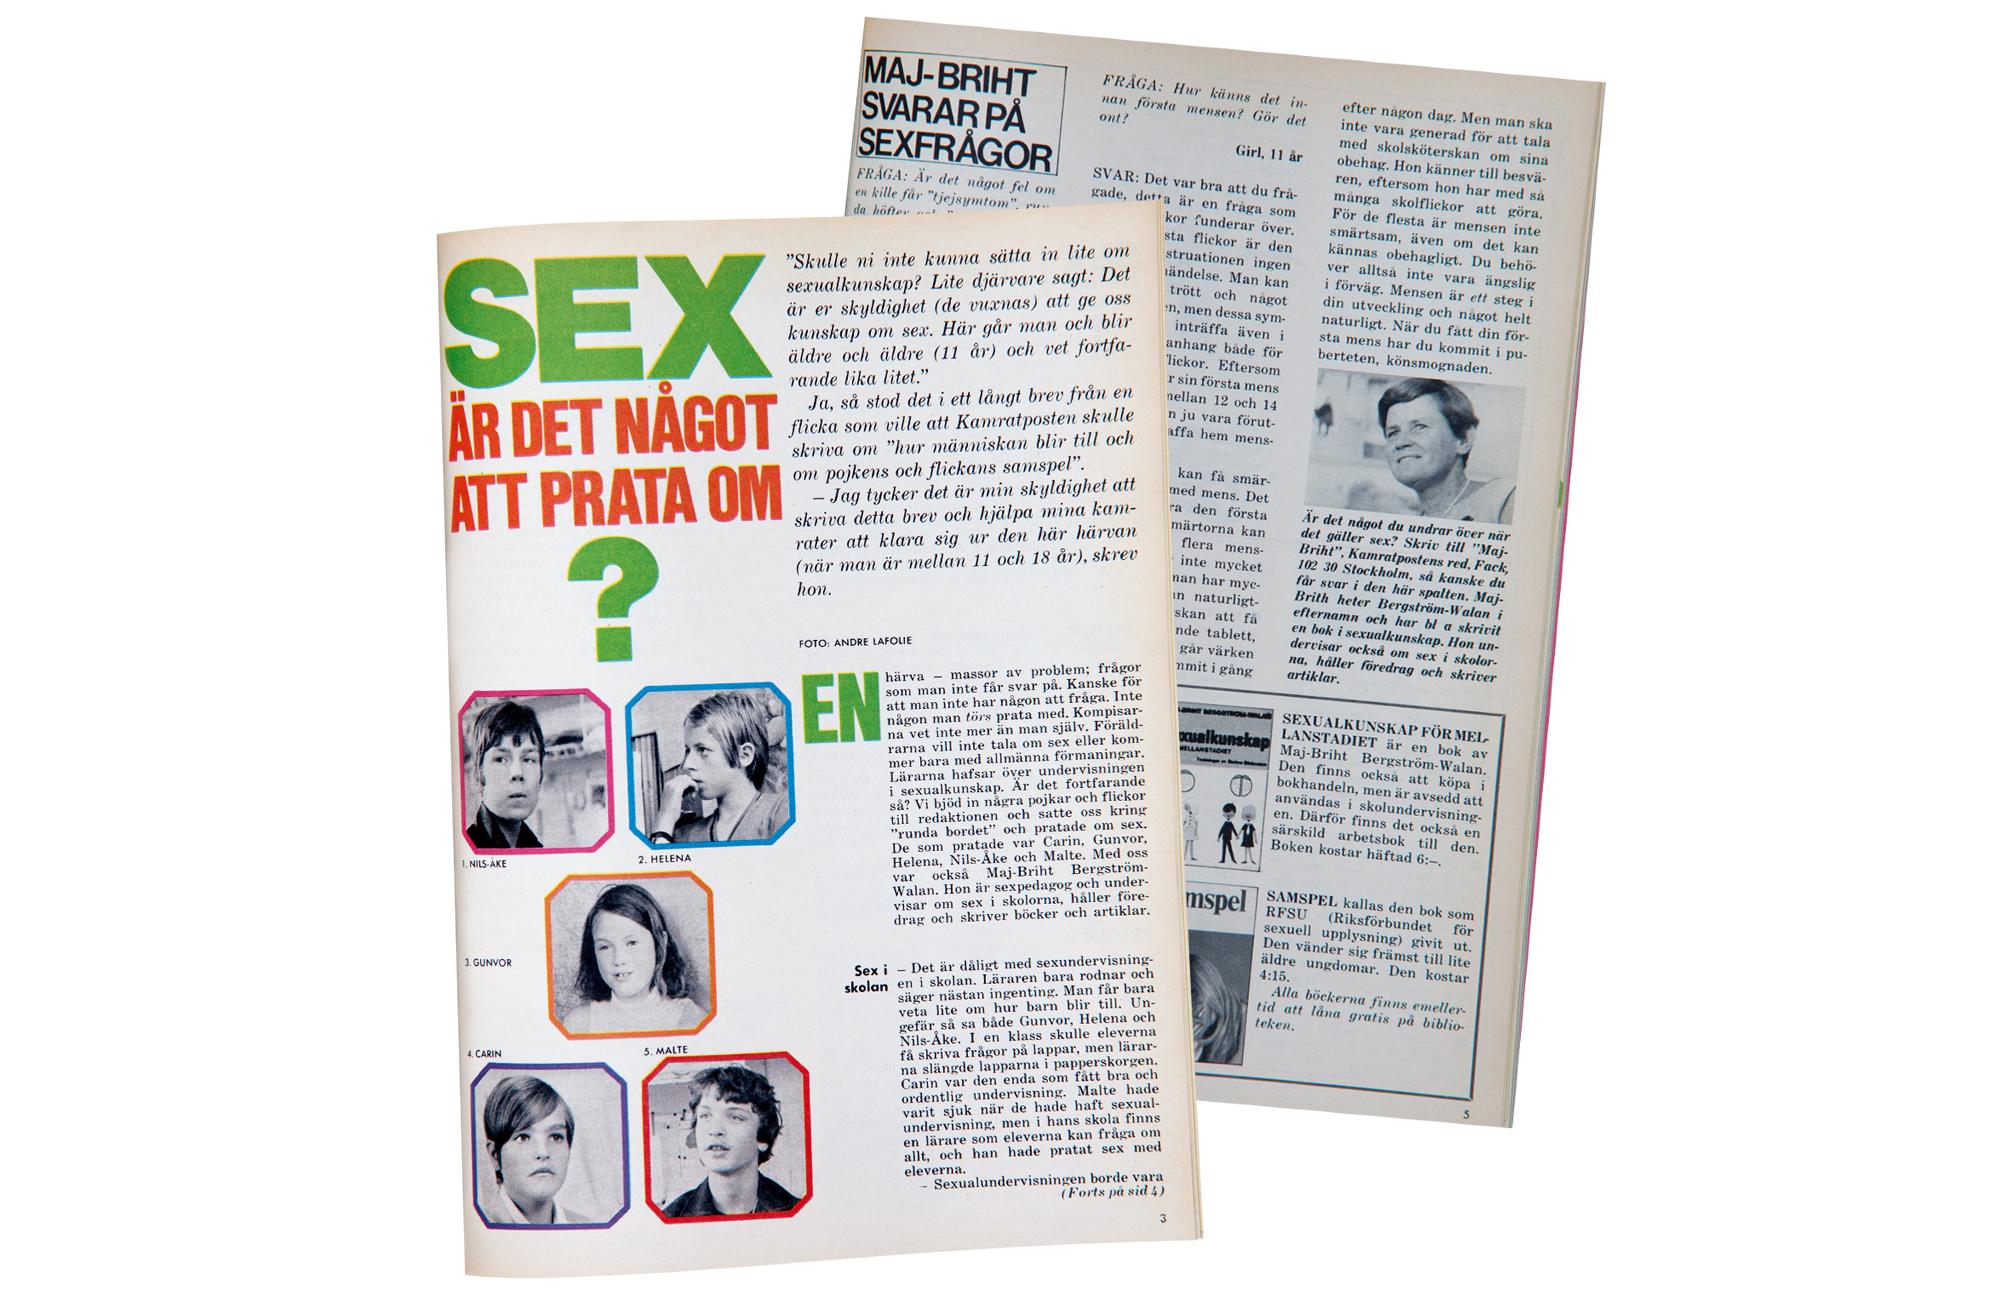 KP-Sagan-om-KP_1969_Maj-Briht-svarar-på-sexfragor